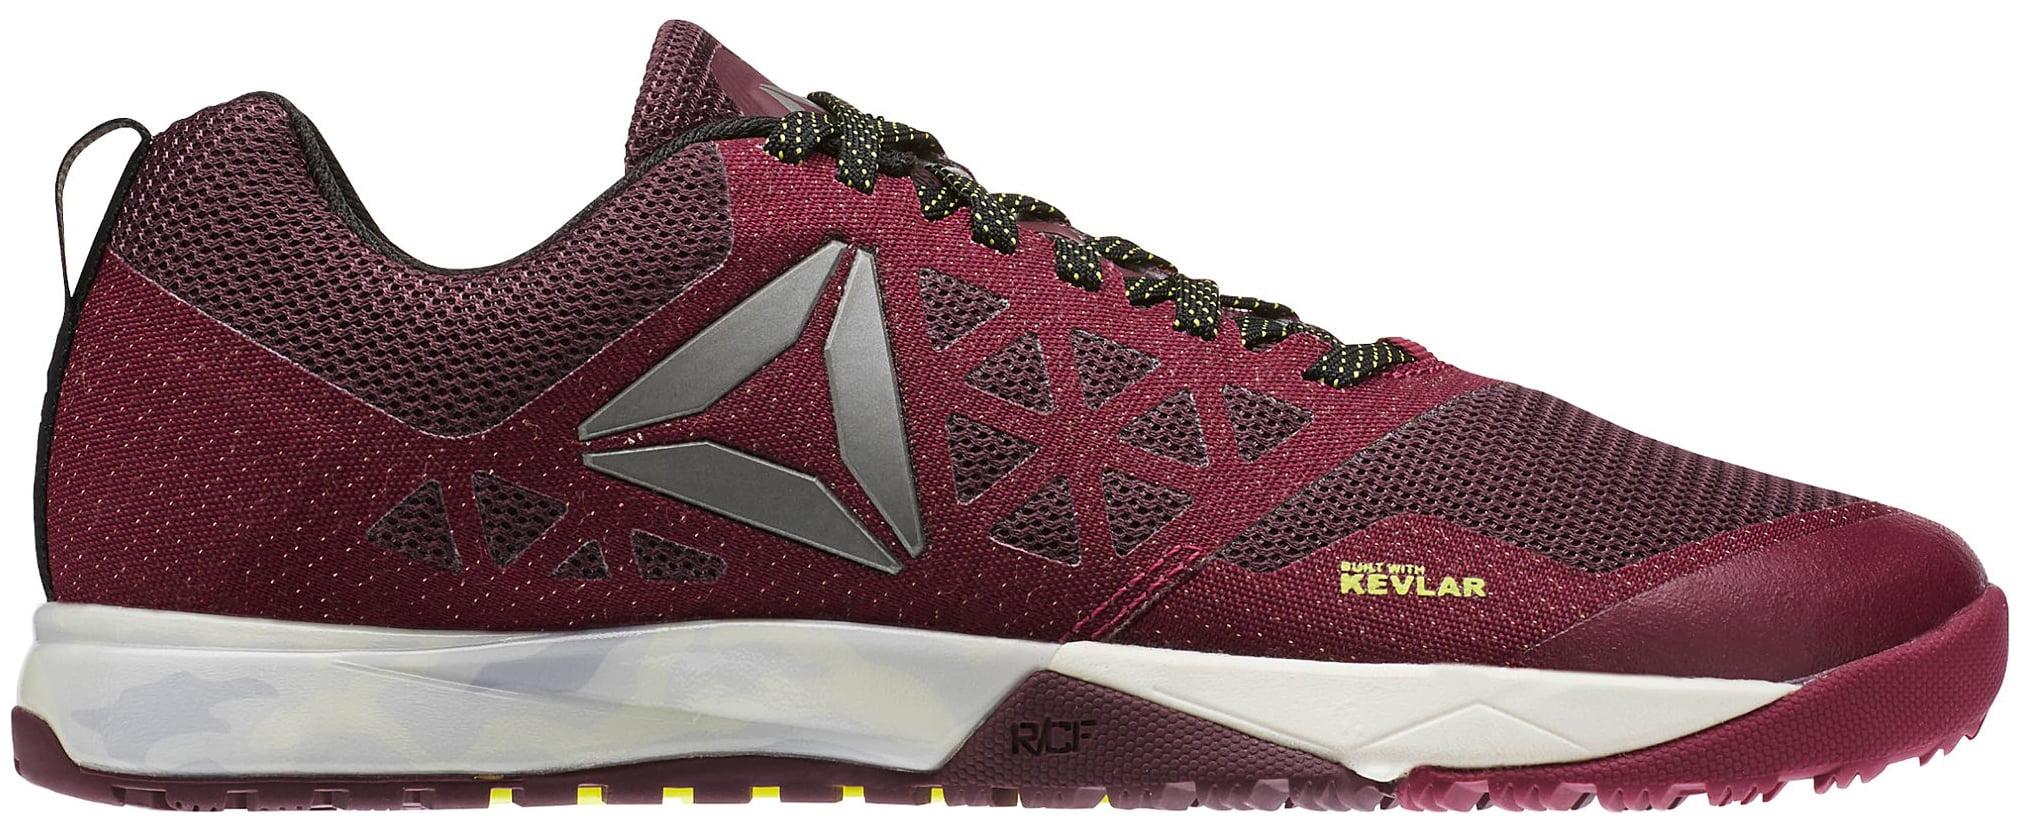 Reebok Crossfit Nano 6.0 Cross-Training Sneaker Shoe Womens by Reebok